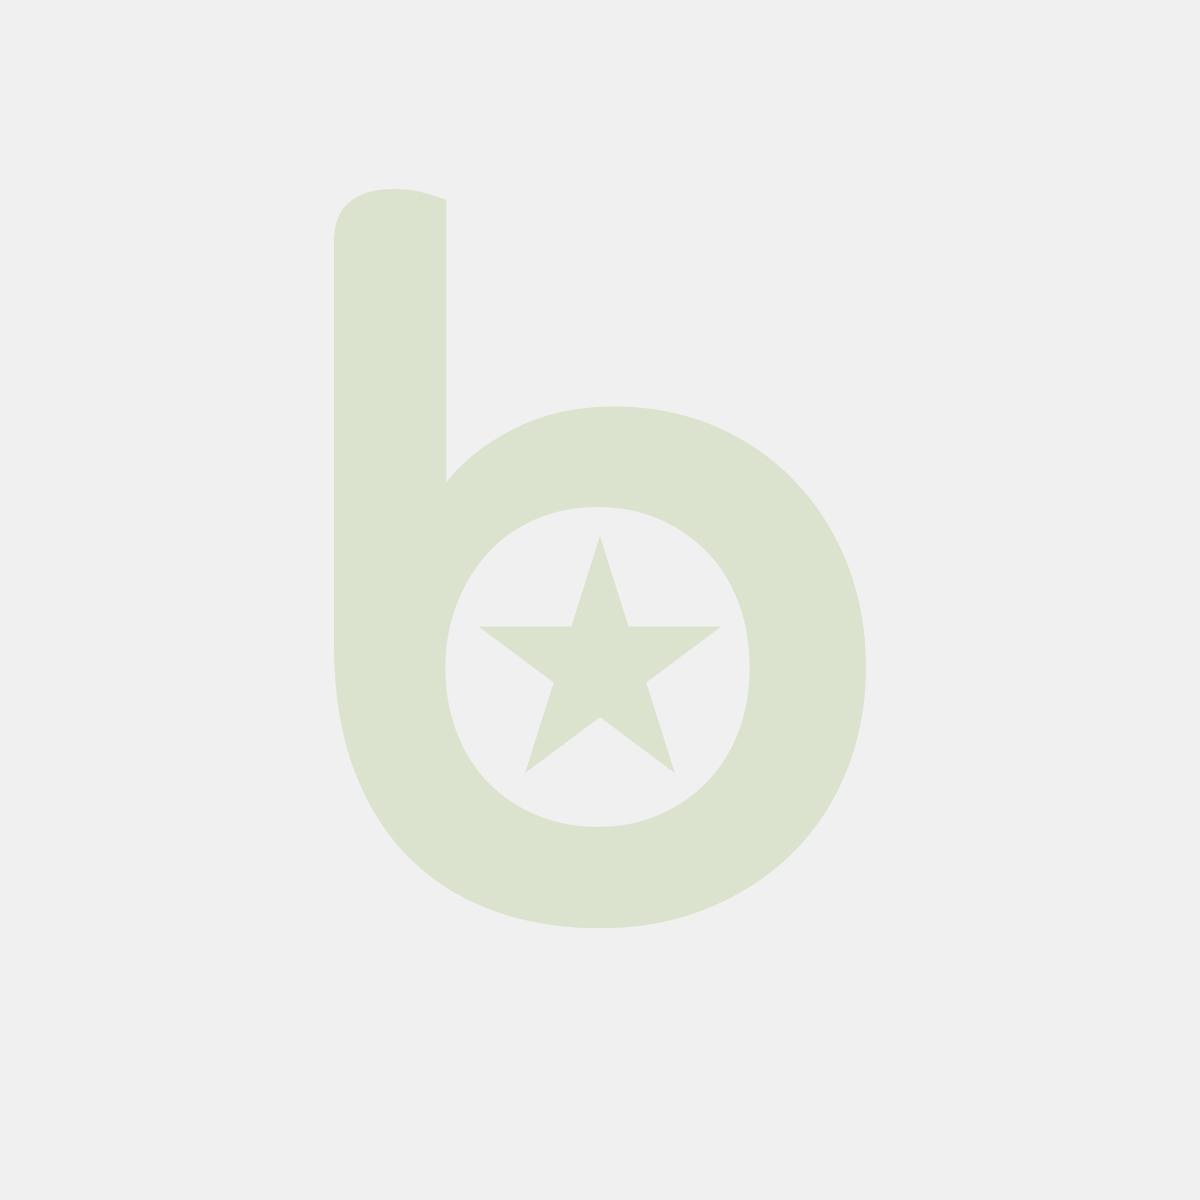 Taca łupkopodobna kwadratowa 50 x 25 cm czarna z melaminy